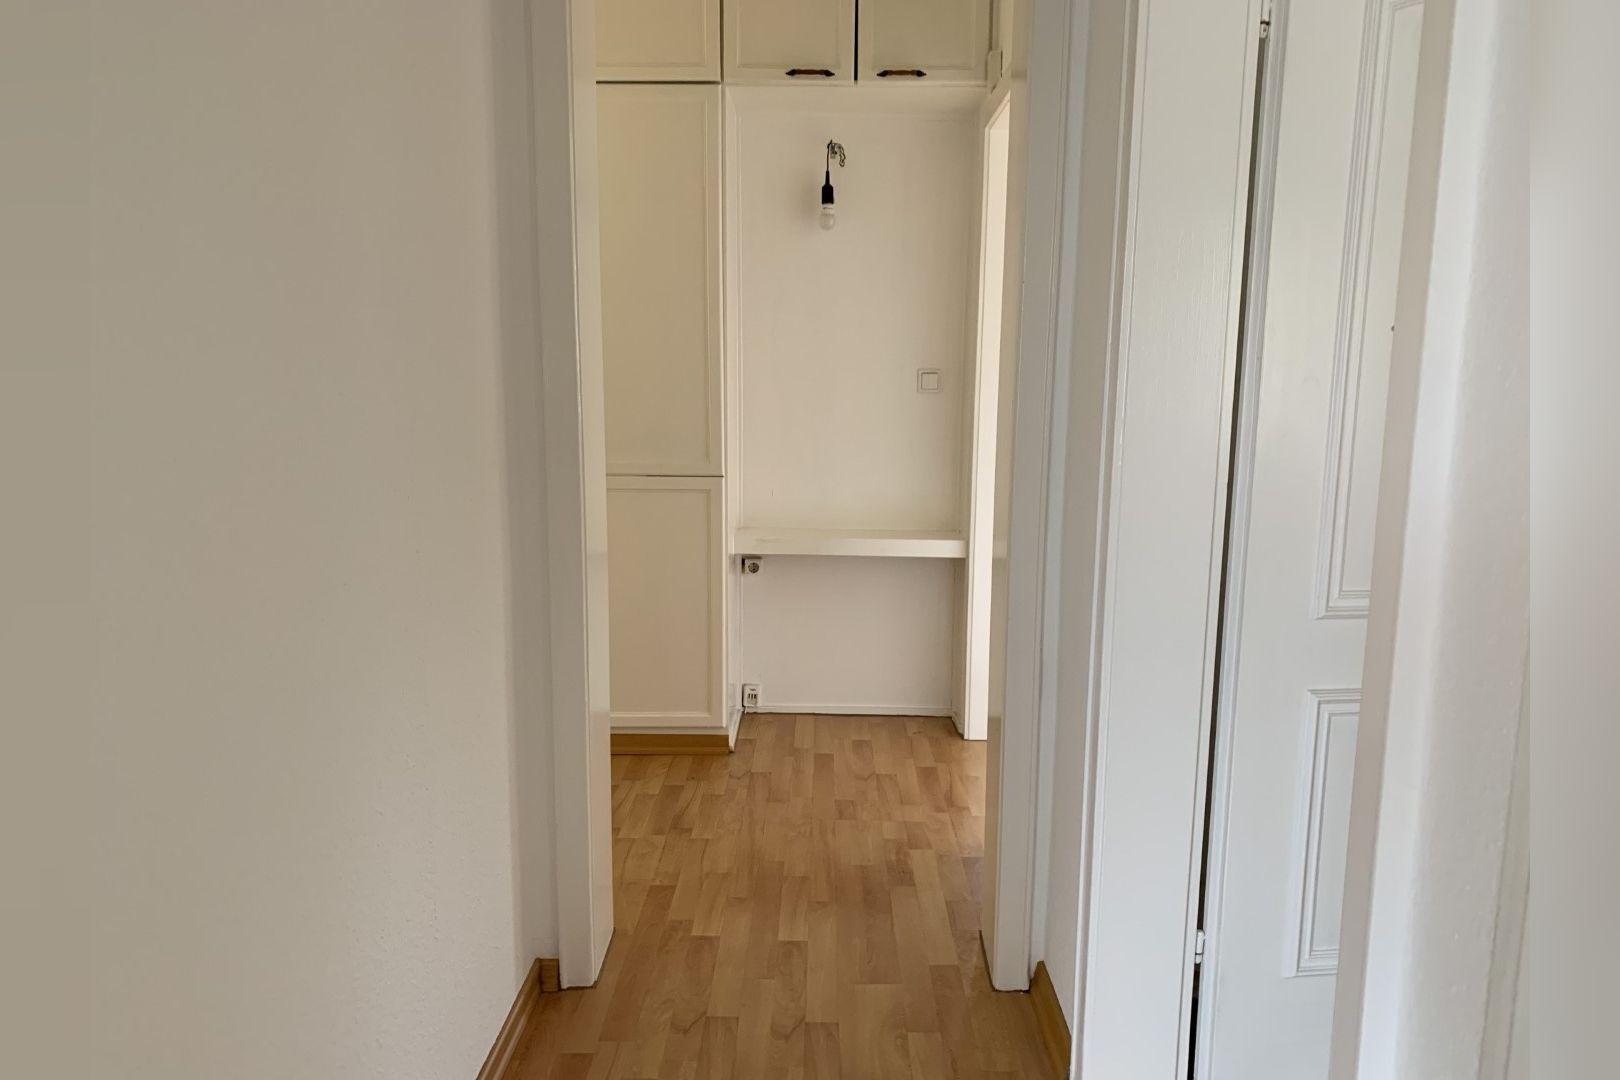 Immobilie Nr.0286 - 2,5 Zimmer Wohnung mit großem Balkon. - Bild 10.jpg